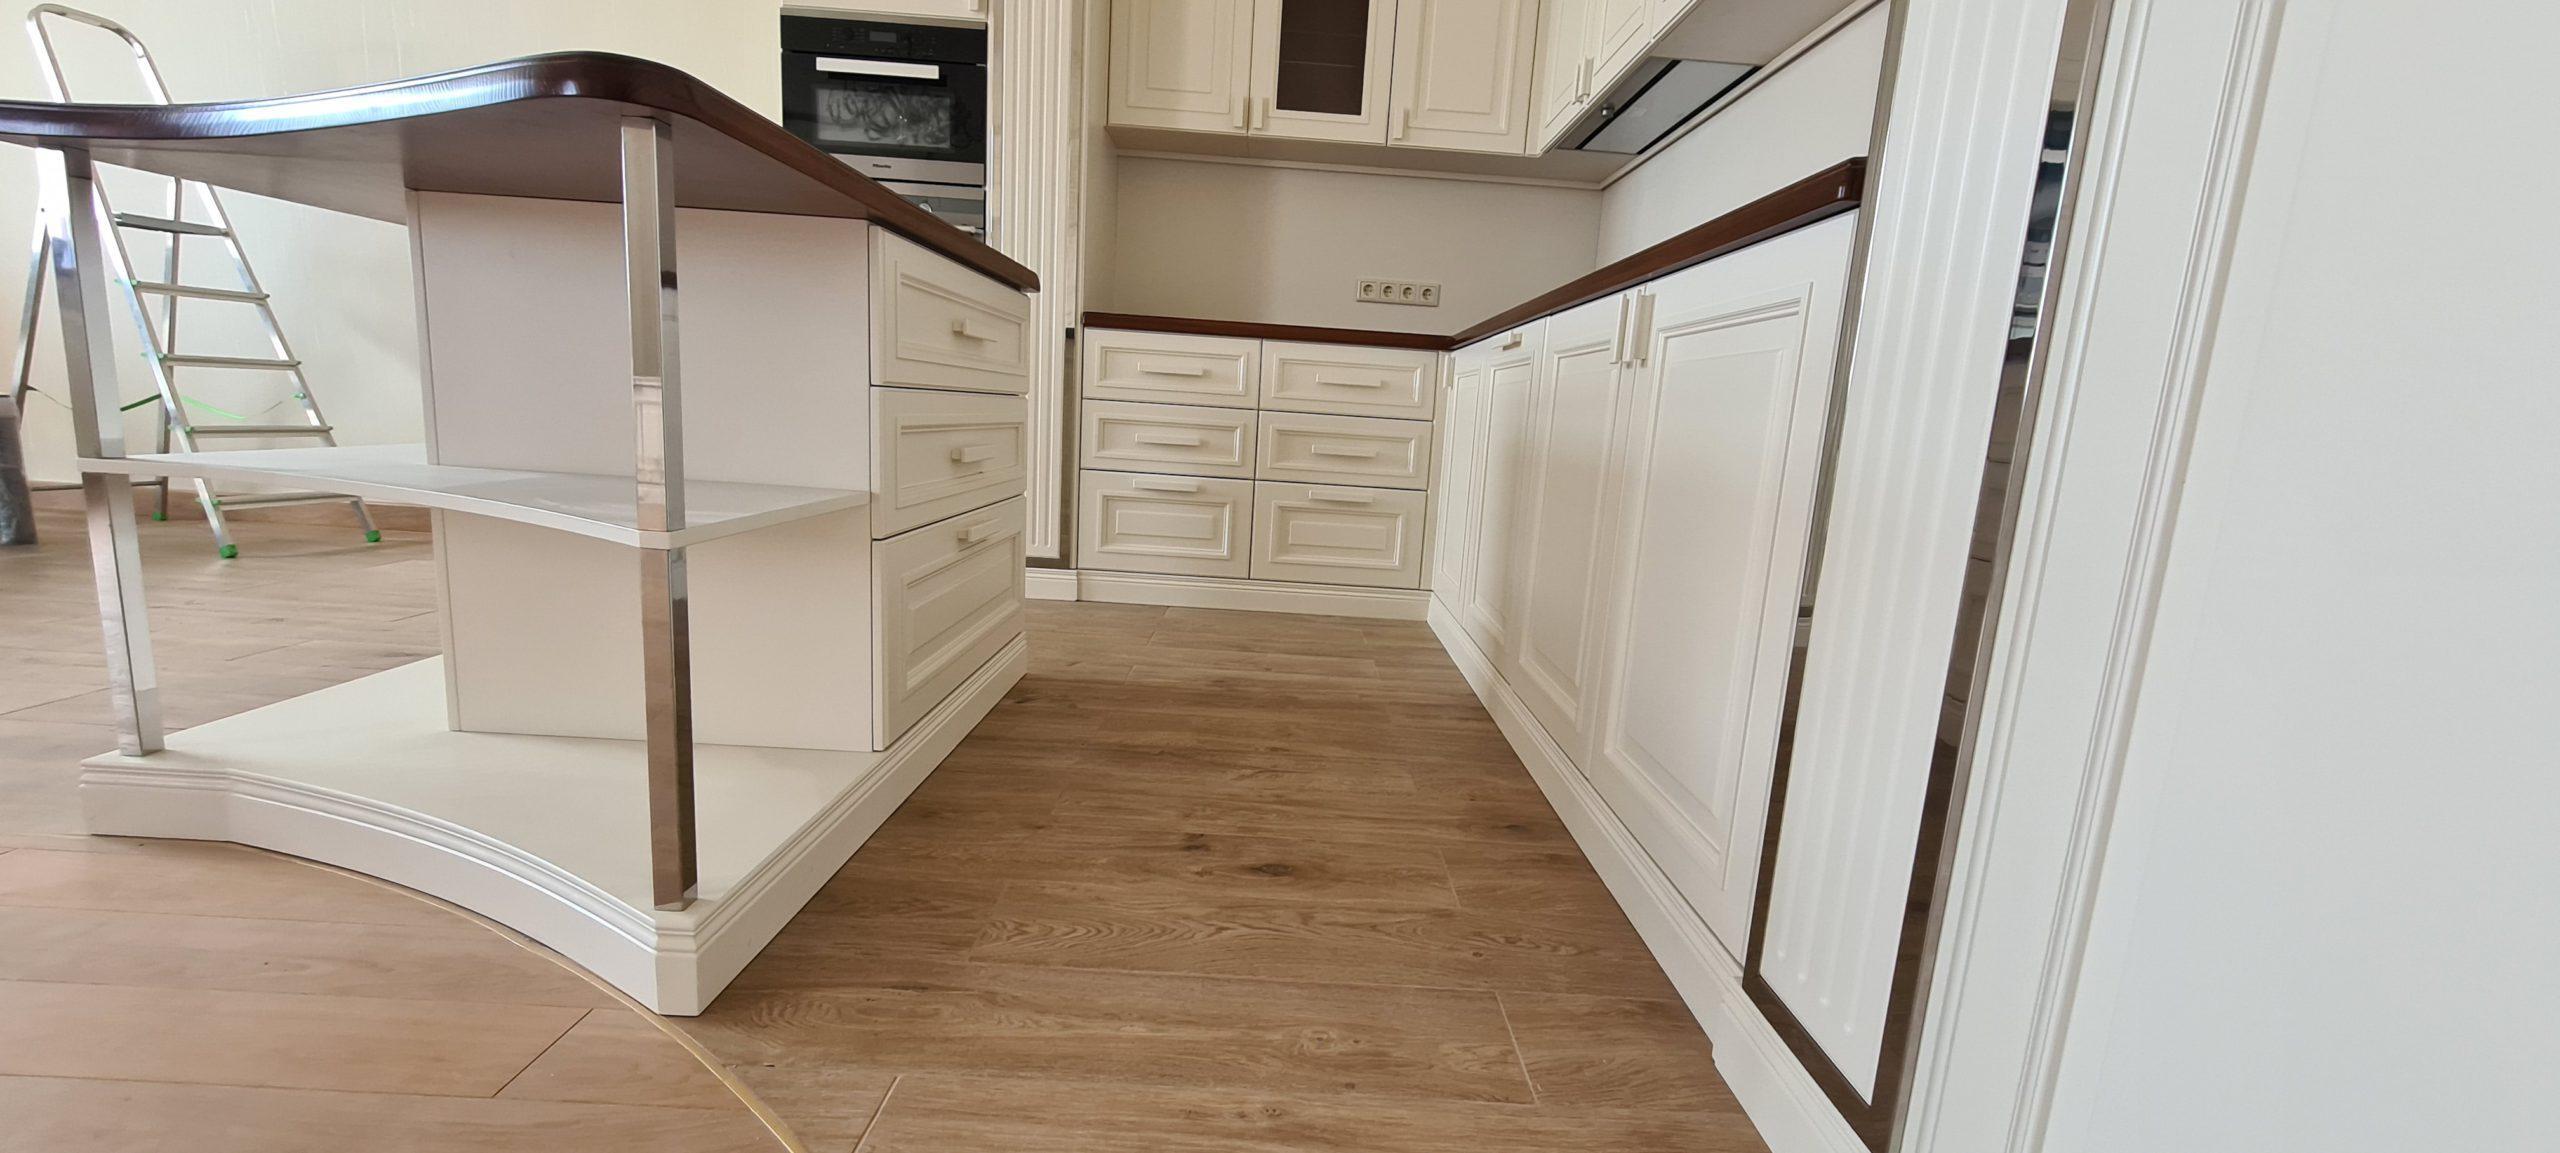 Кухня под ключ Soft Kitchen - фото 17